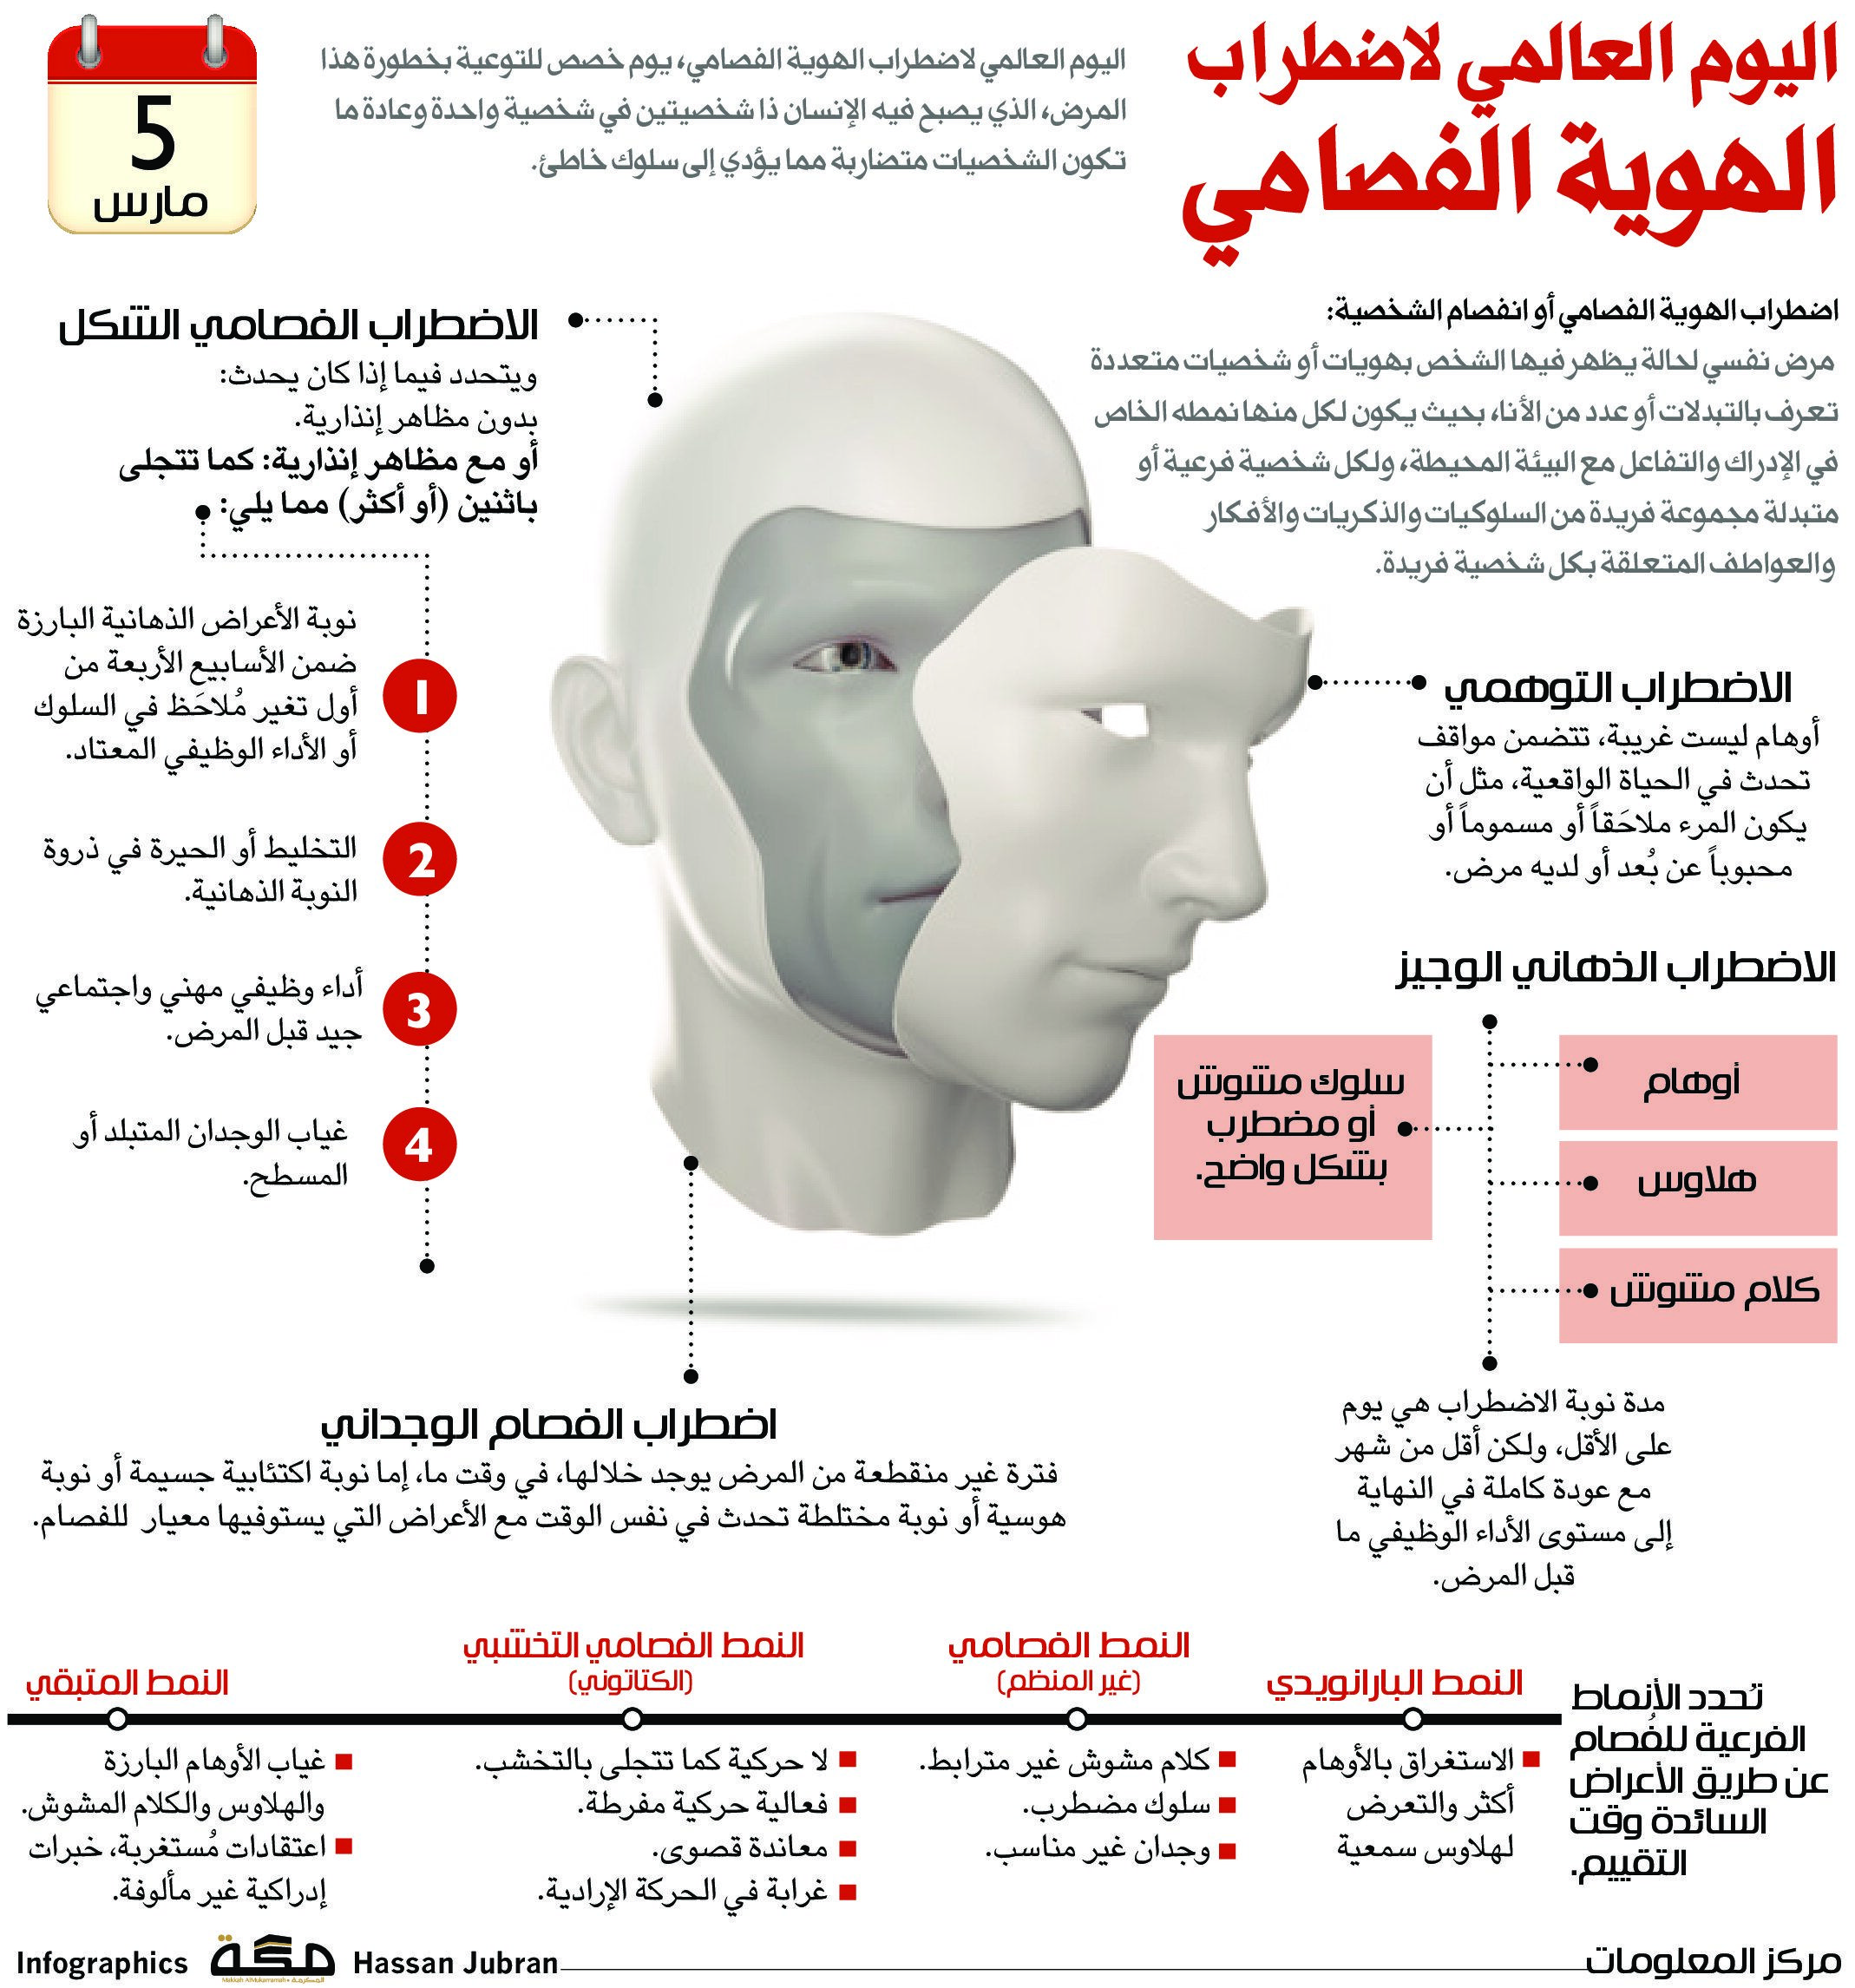 اليوم العالمي لاضطراب الهوية الفصامي صحيفةـمكة انفوجرافيك الأيام العالمية Infographic Makkah Movies